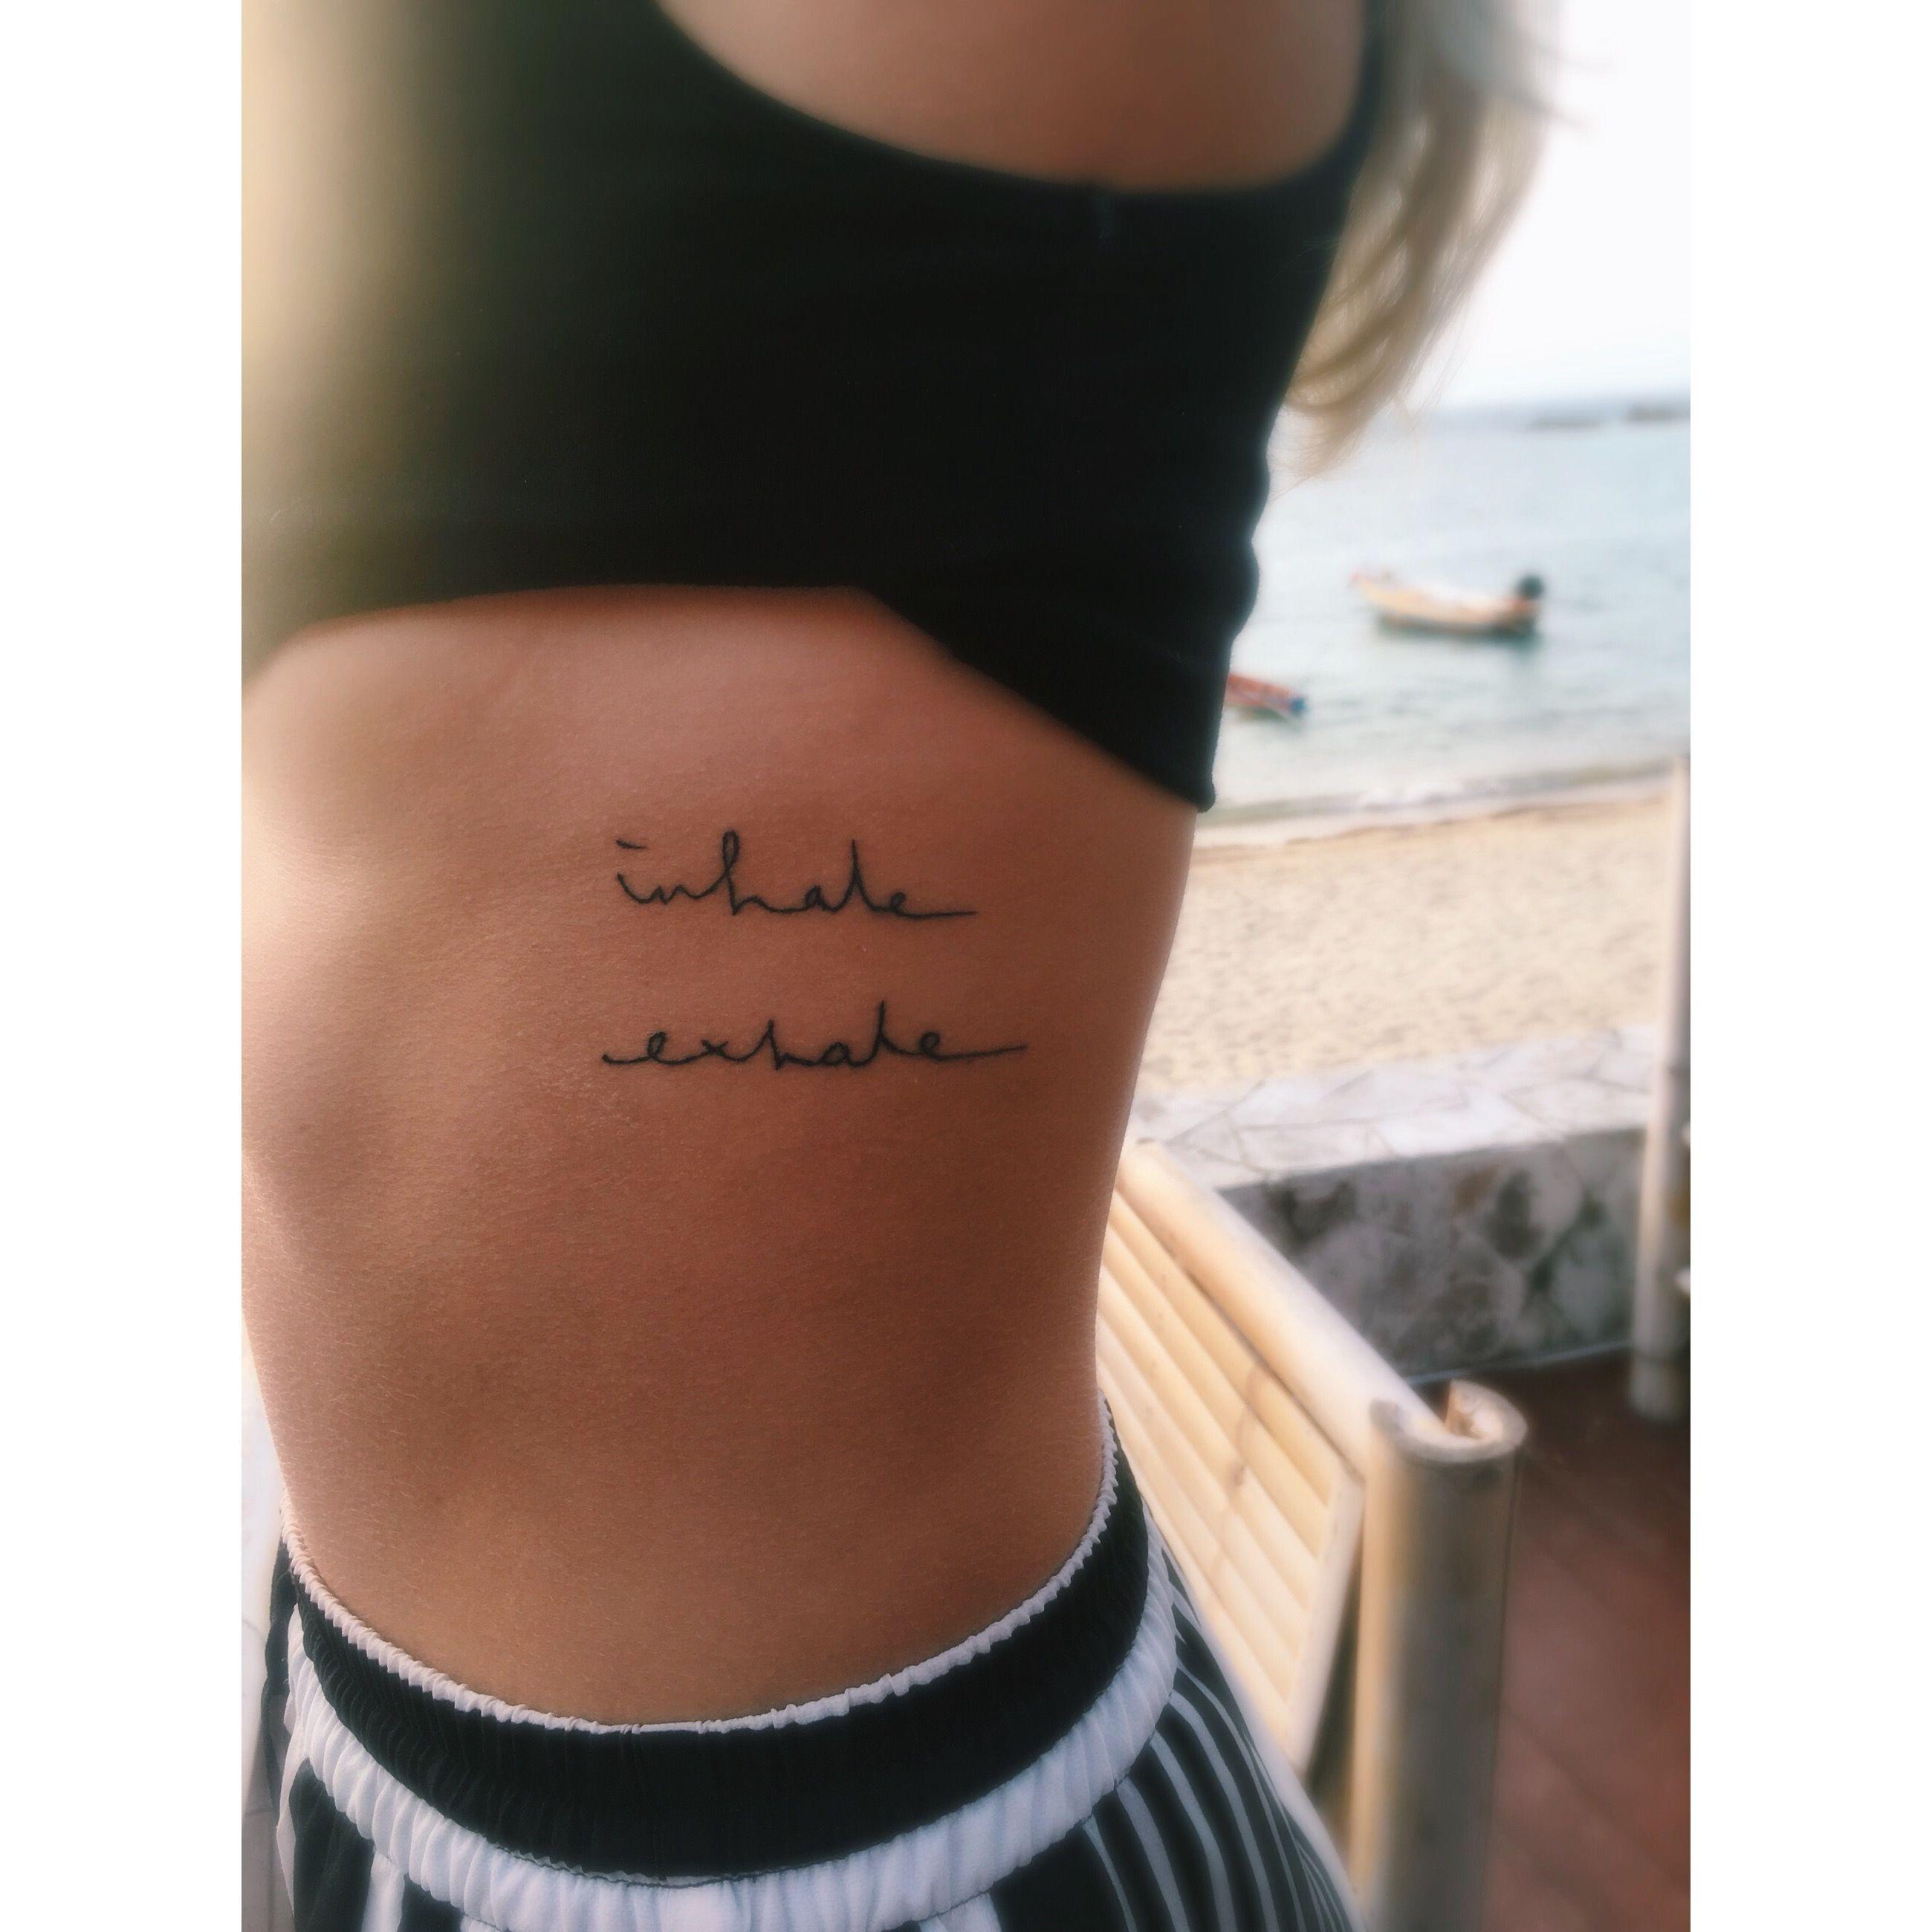 Inhale exhale tattoo #bambootattoo #breathe #inhaleexhale #liveinthemoment